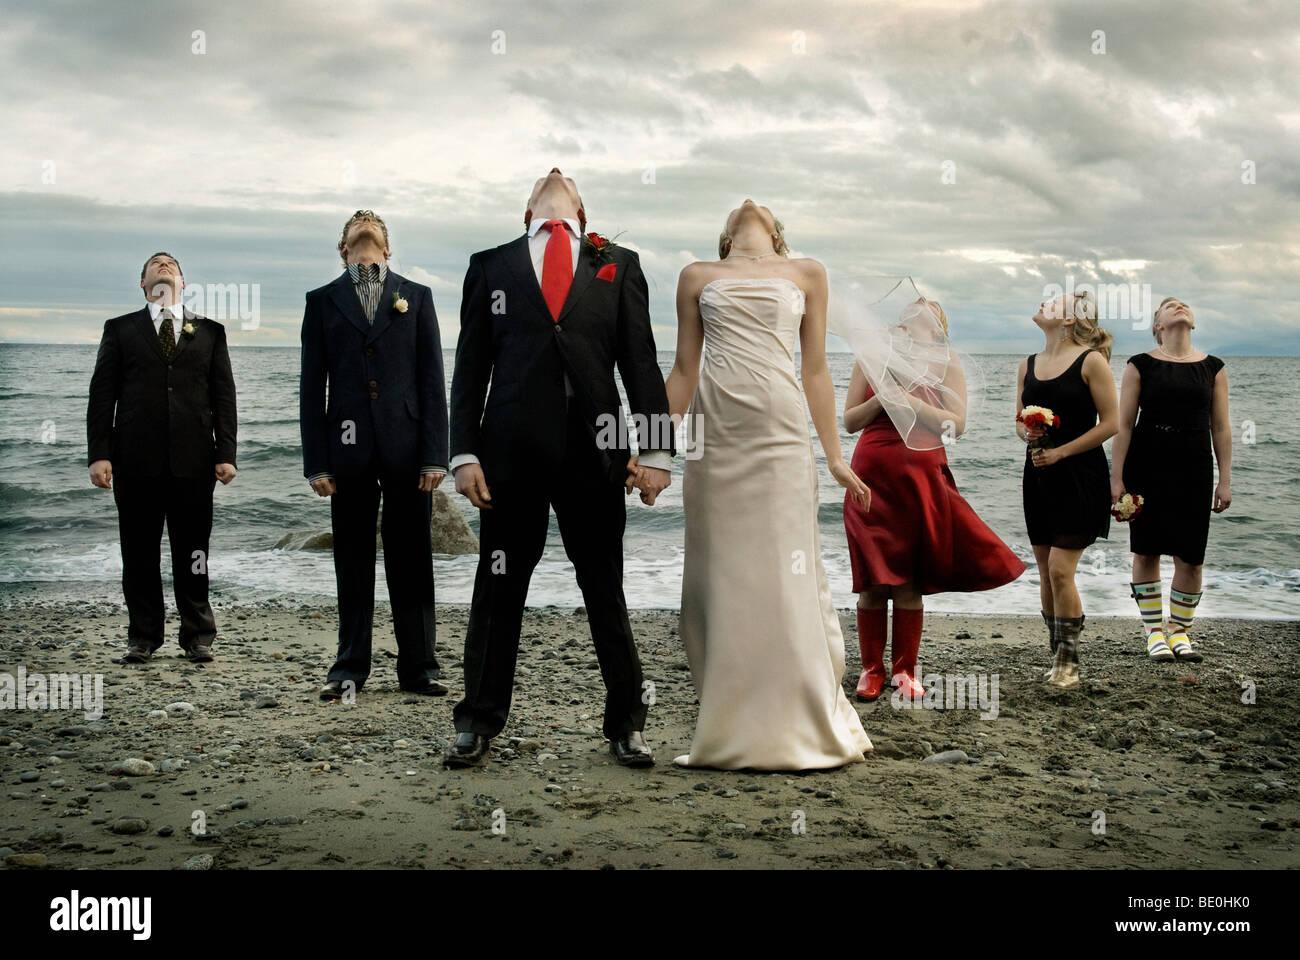 Hochzeitsfeier Am Strand Unter Bedrohlichen Gewitterwolken Stockfoto